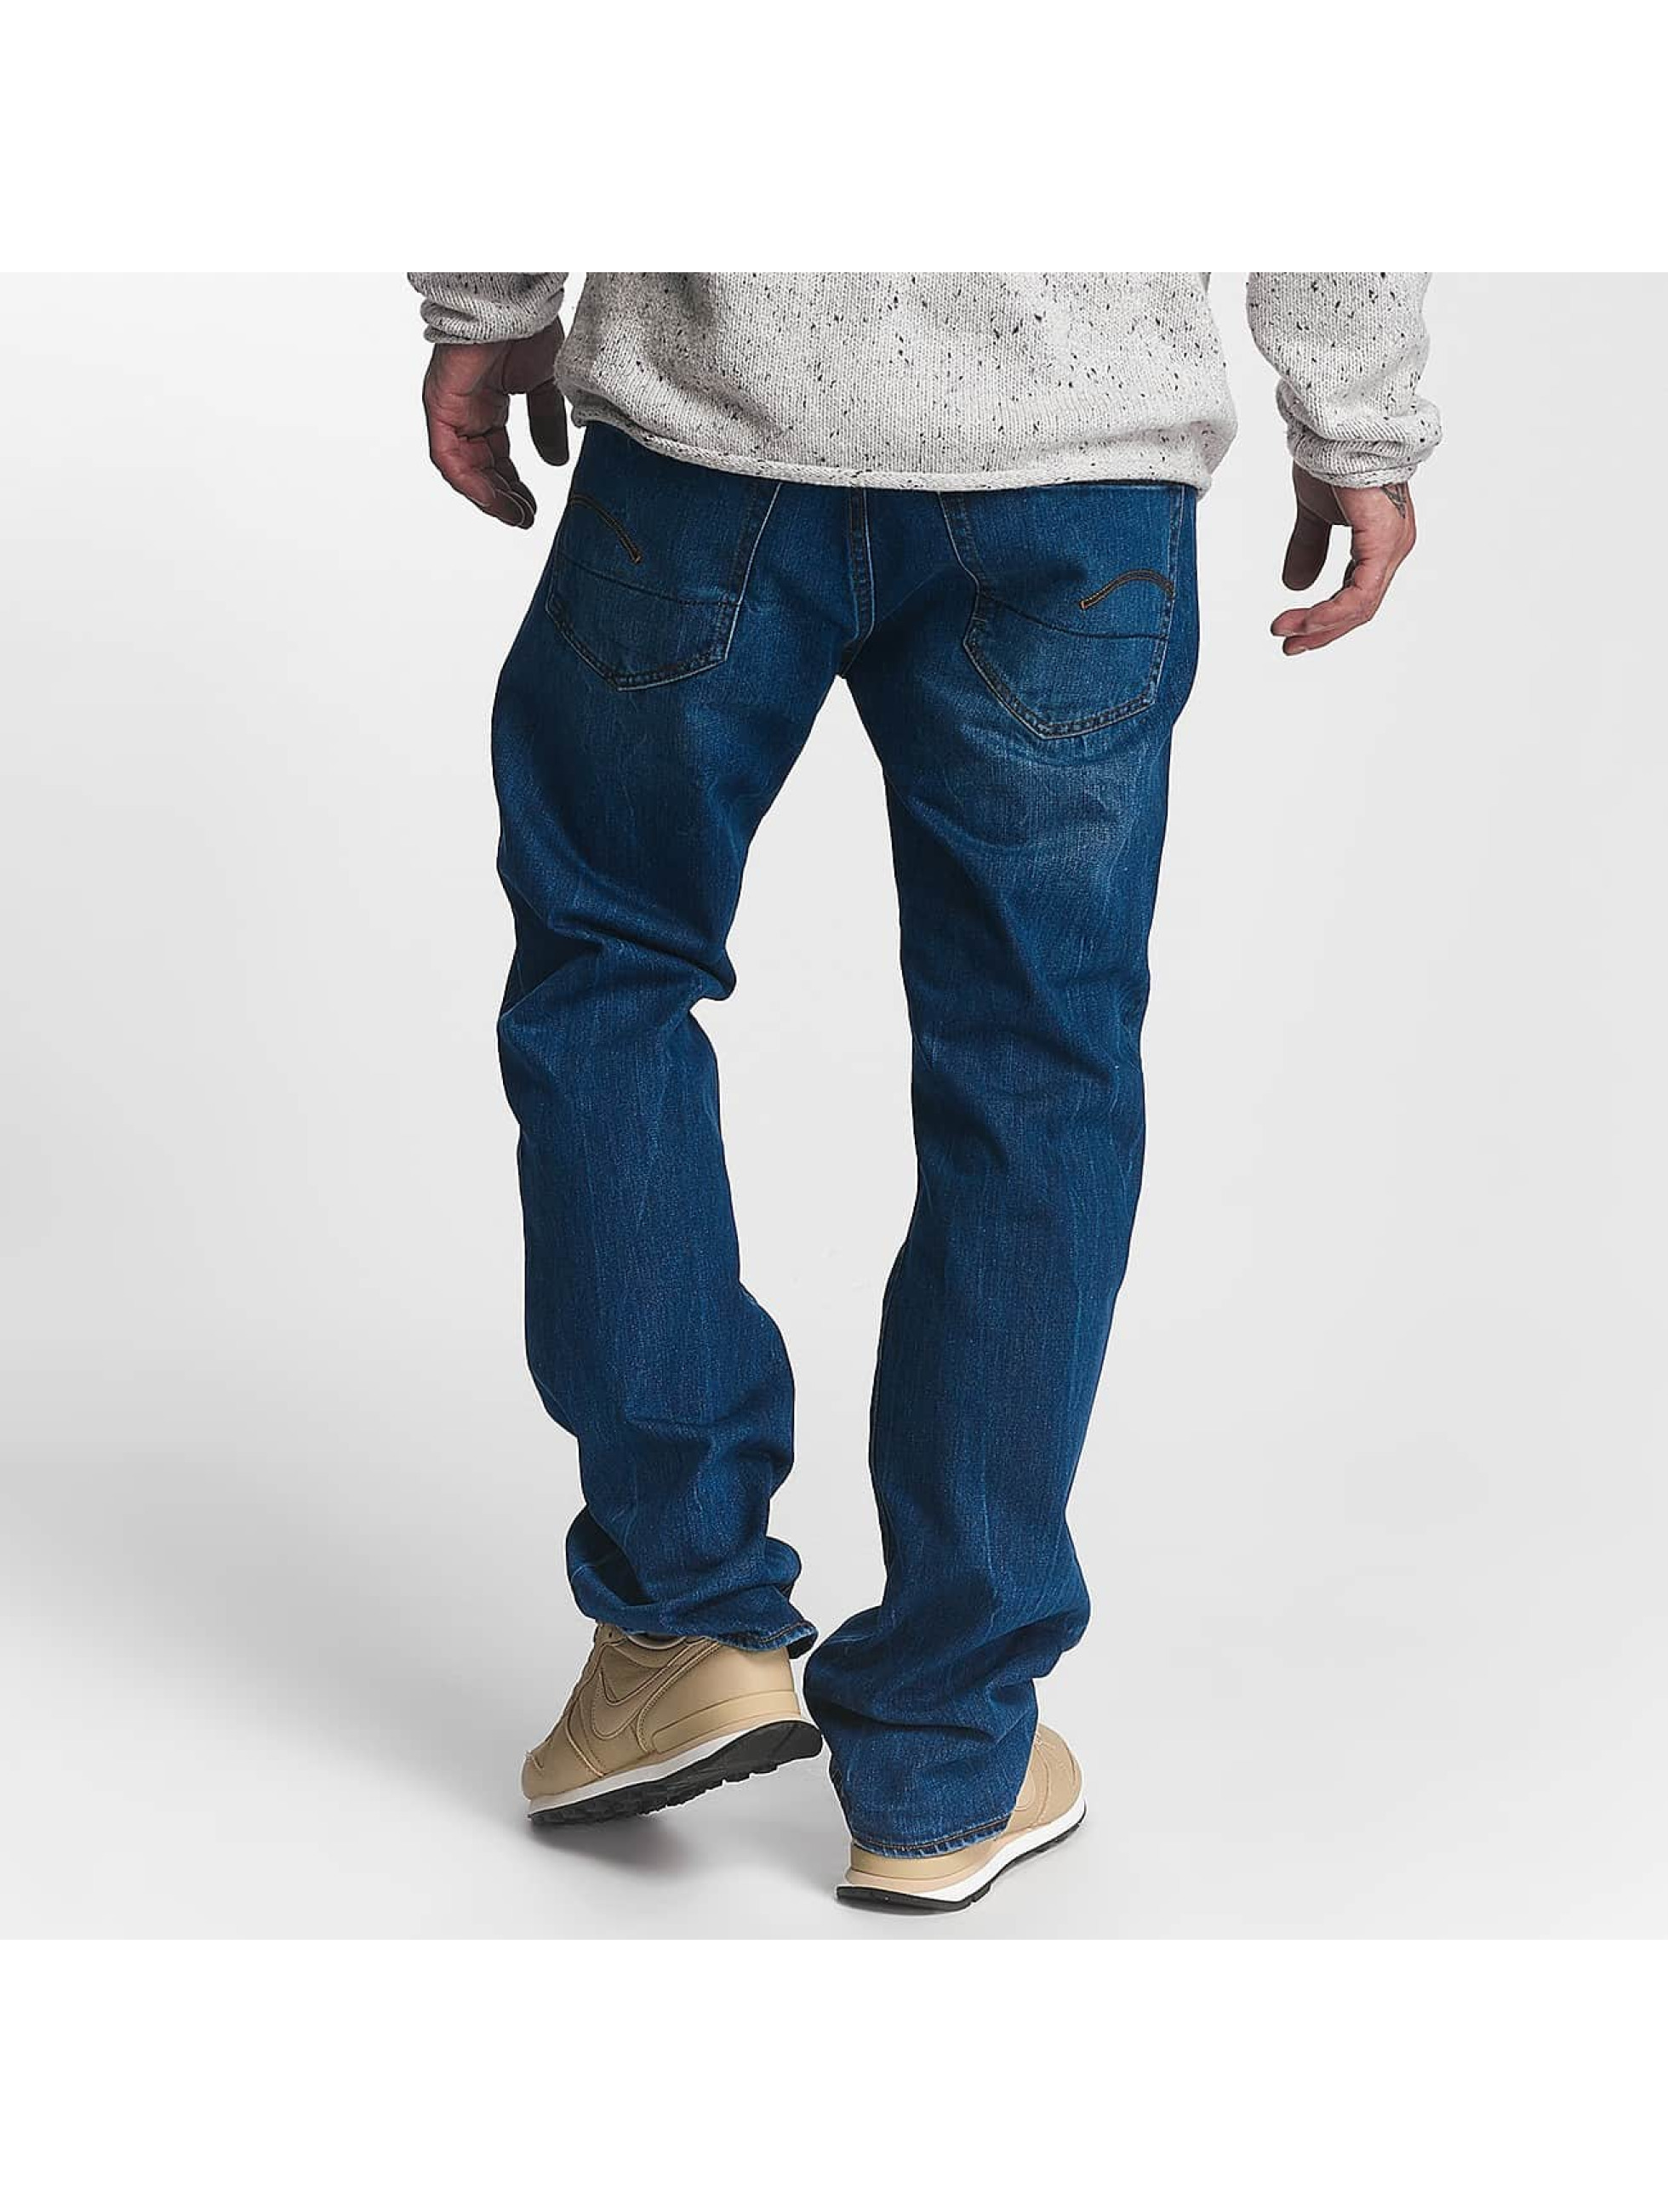 G-Star Loose Fit Jeans 3301 Loose Fit niebieski